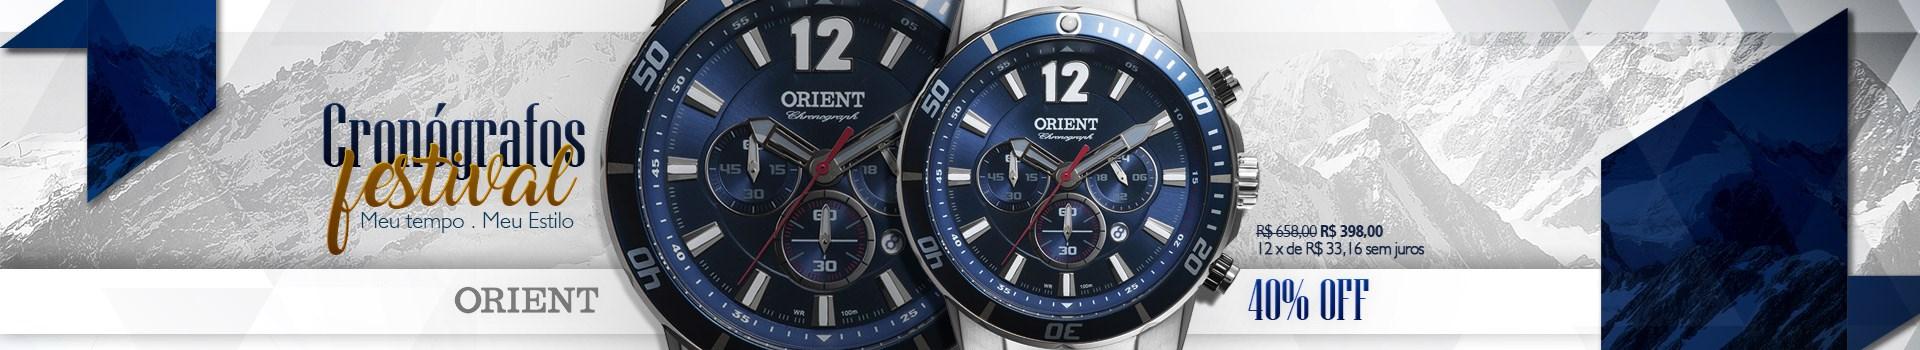 Relógio Orient Cronógrafo Masculino por apenas R$398 !